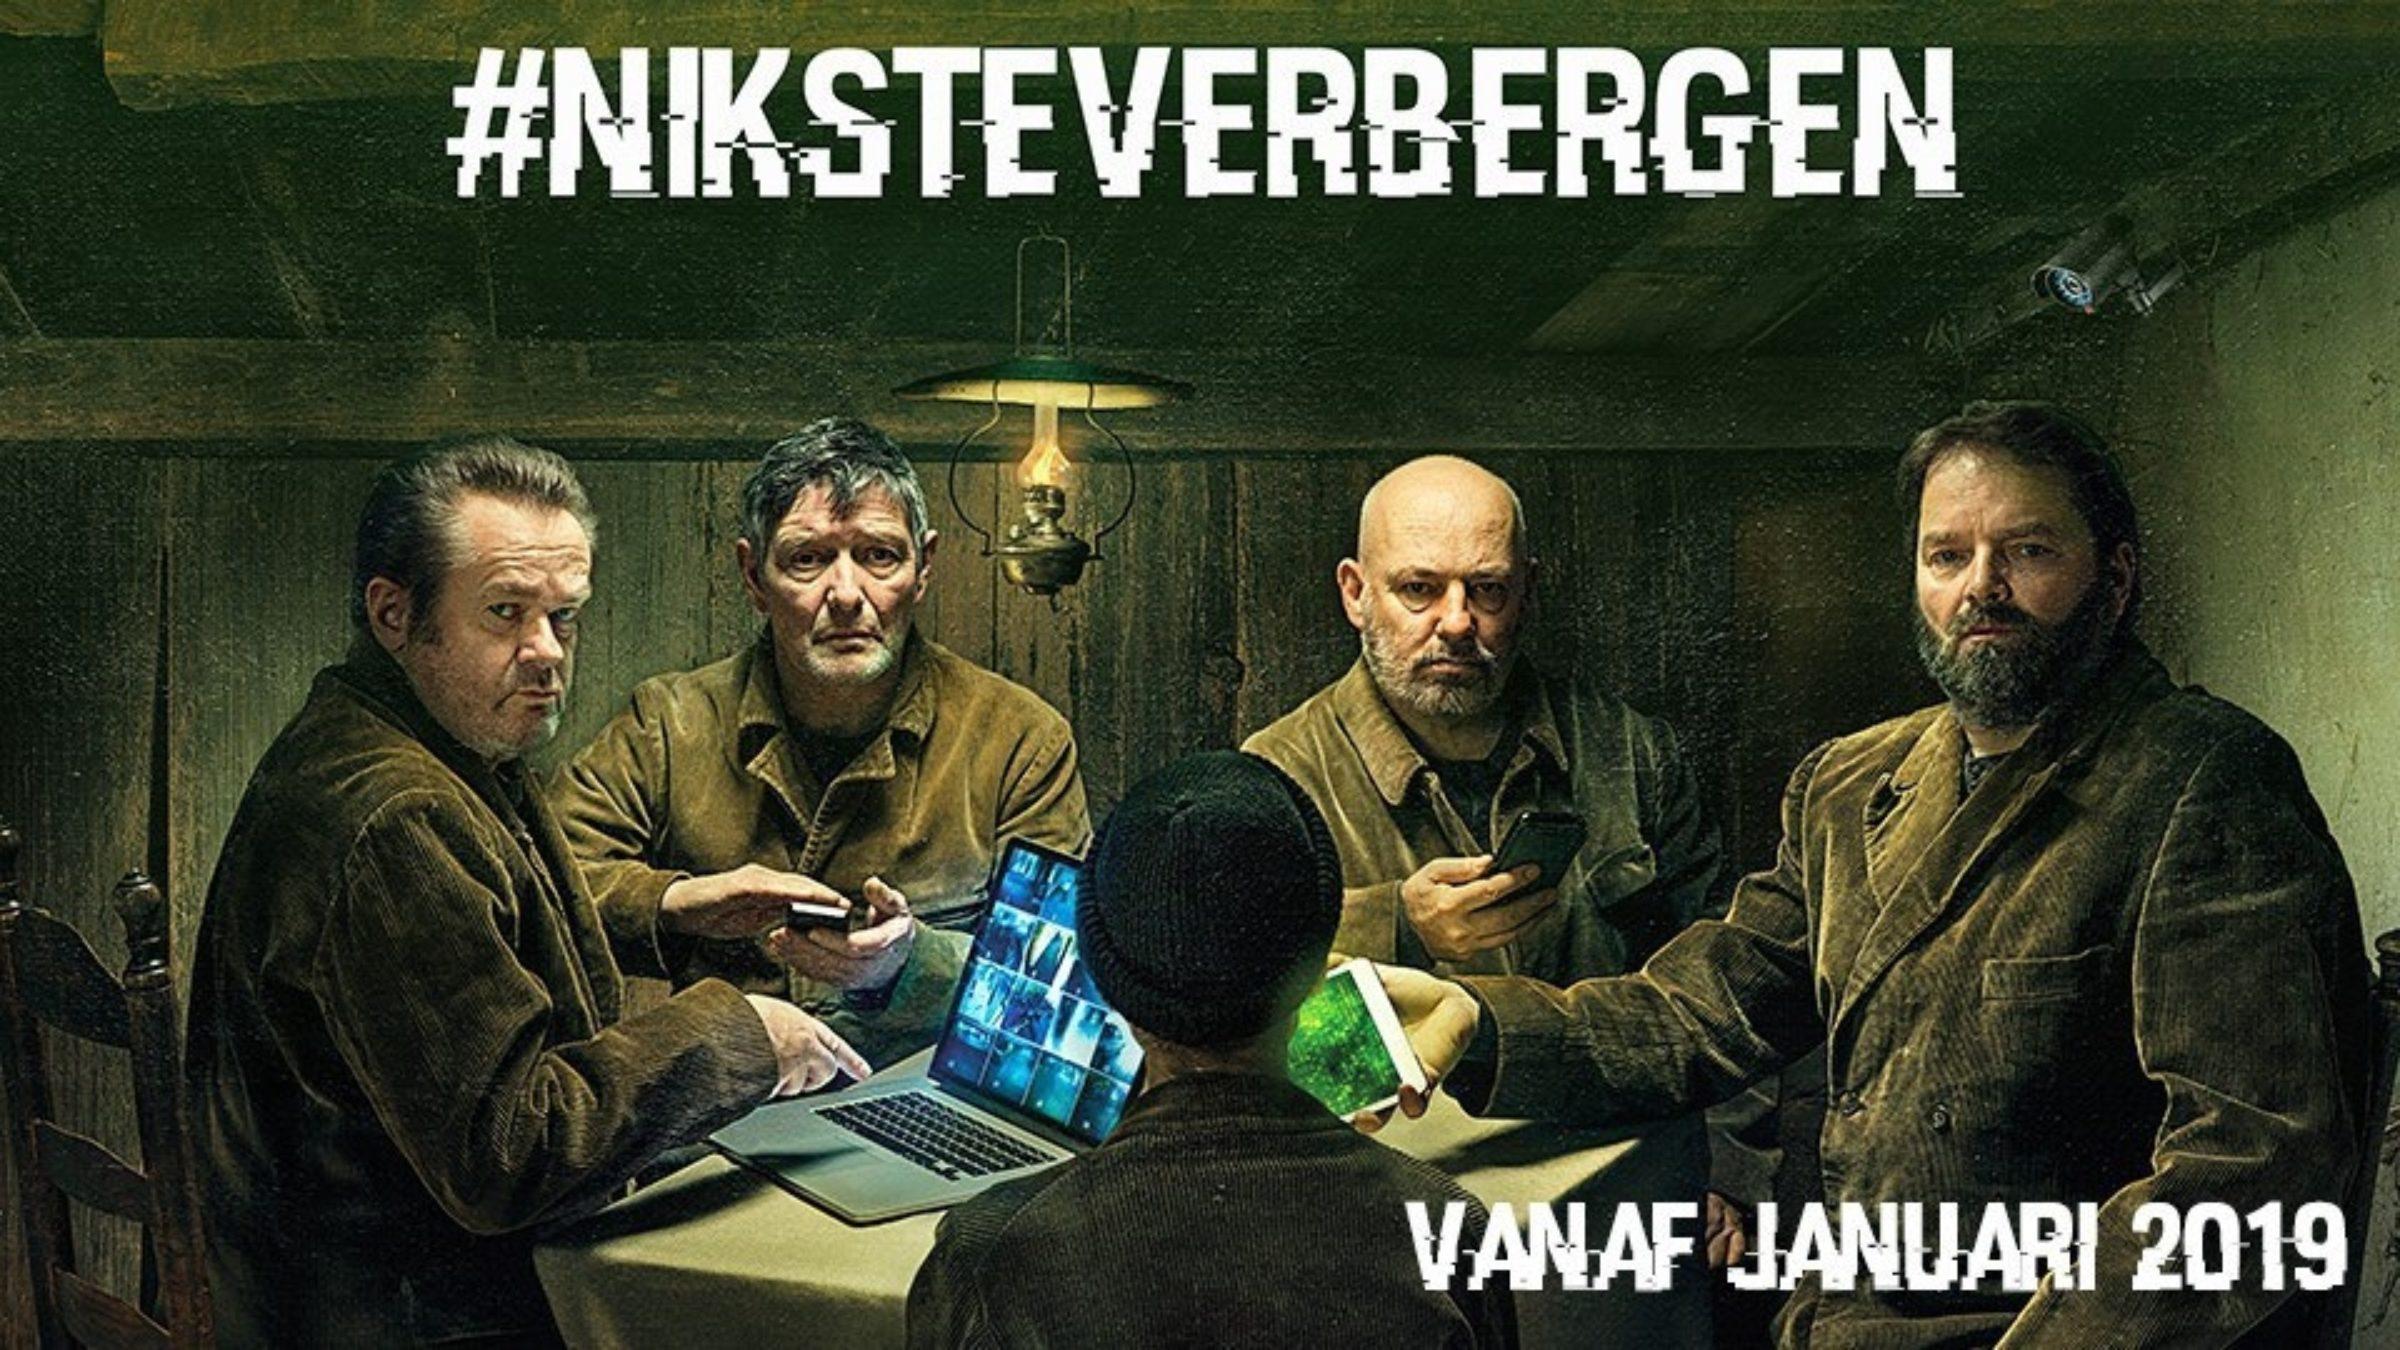 Niksteverbergen 2207 1550483192 35hxcssjss